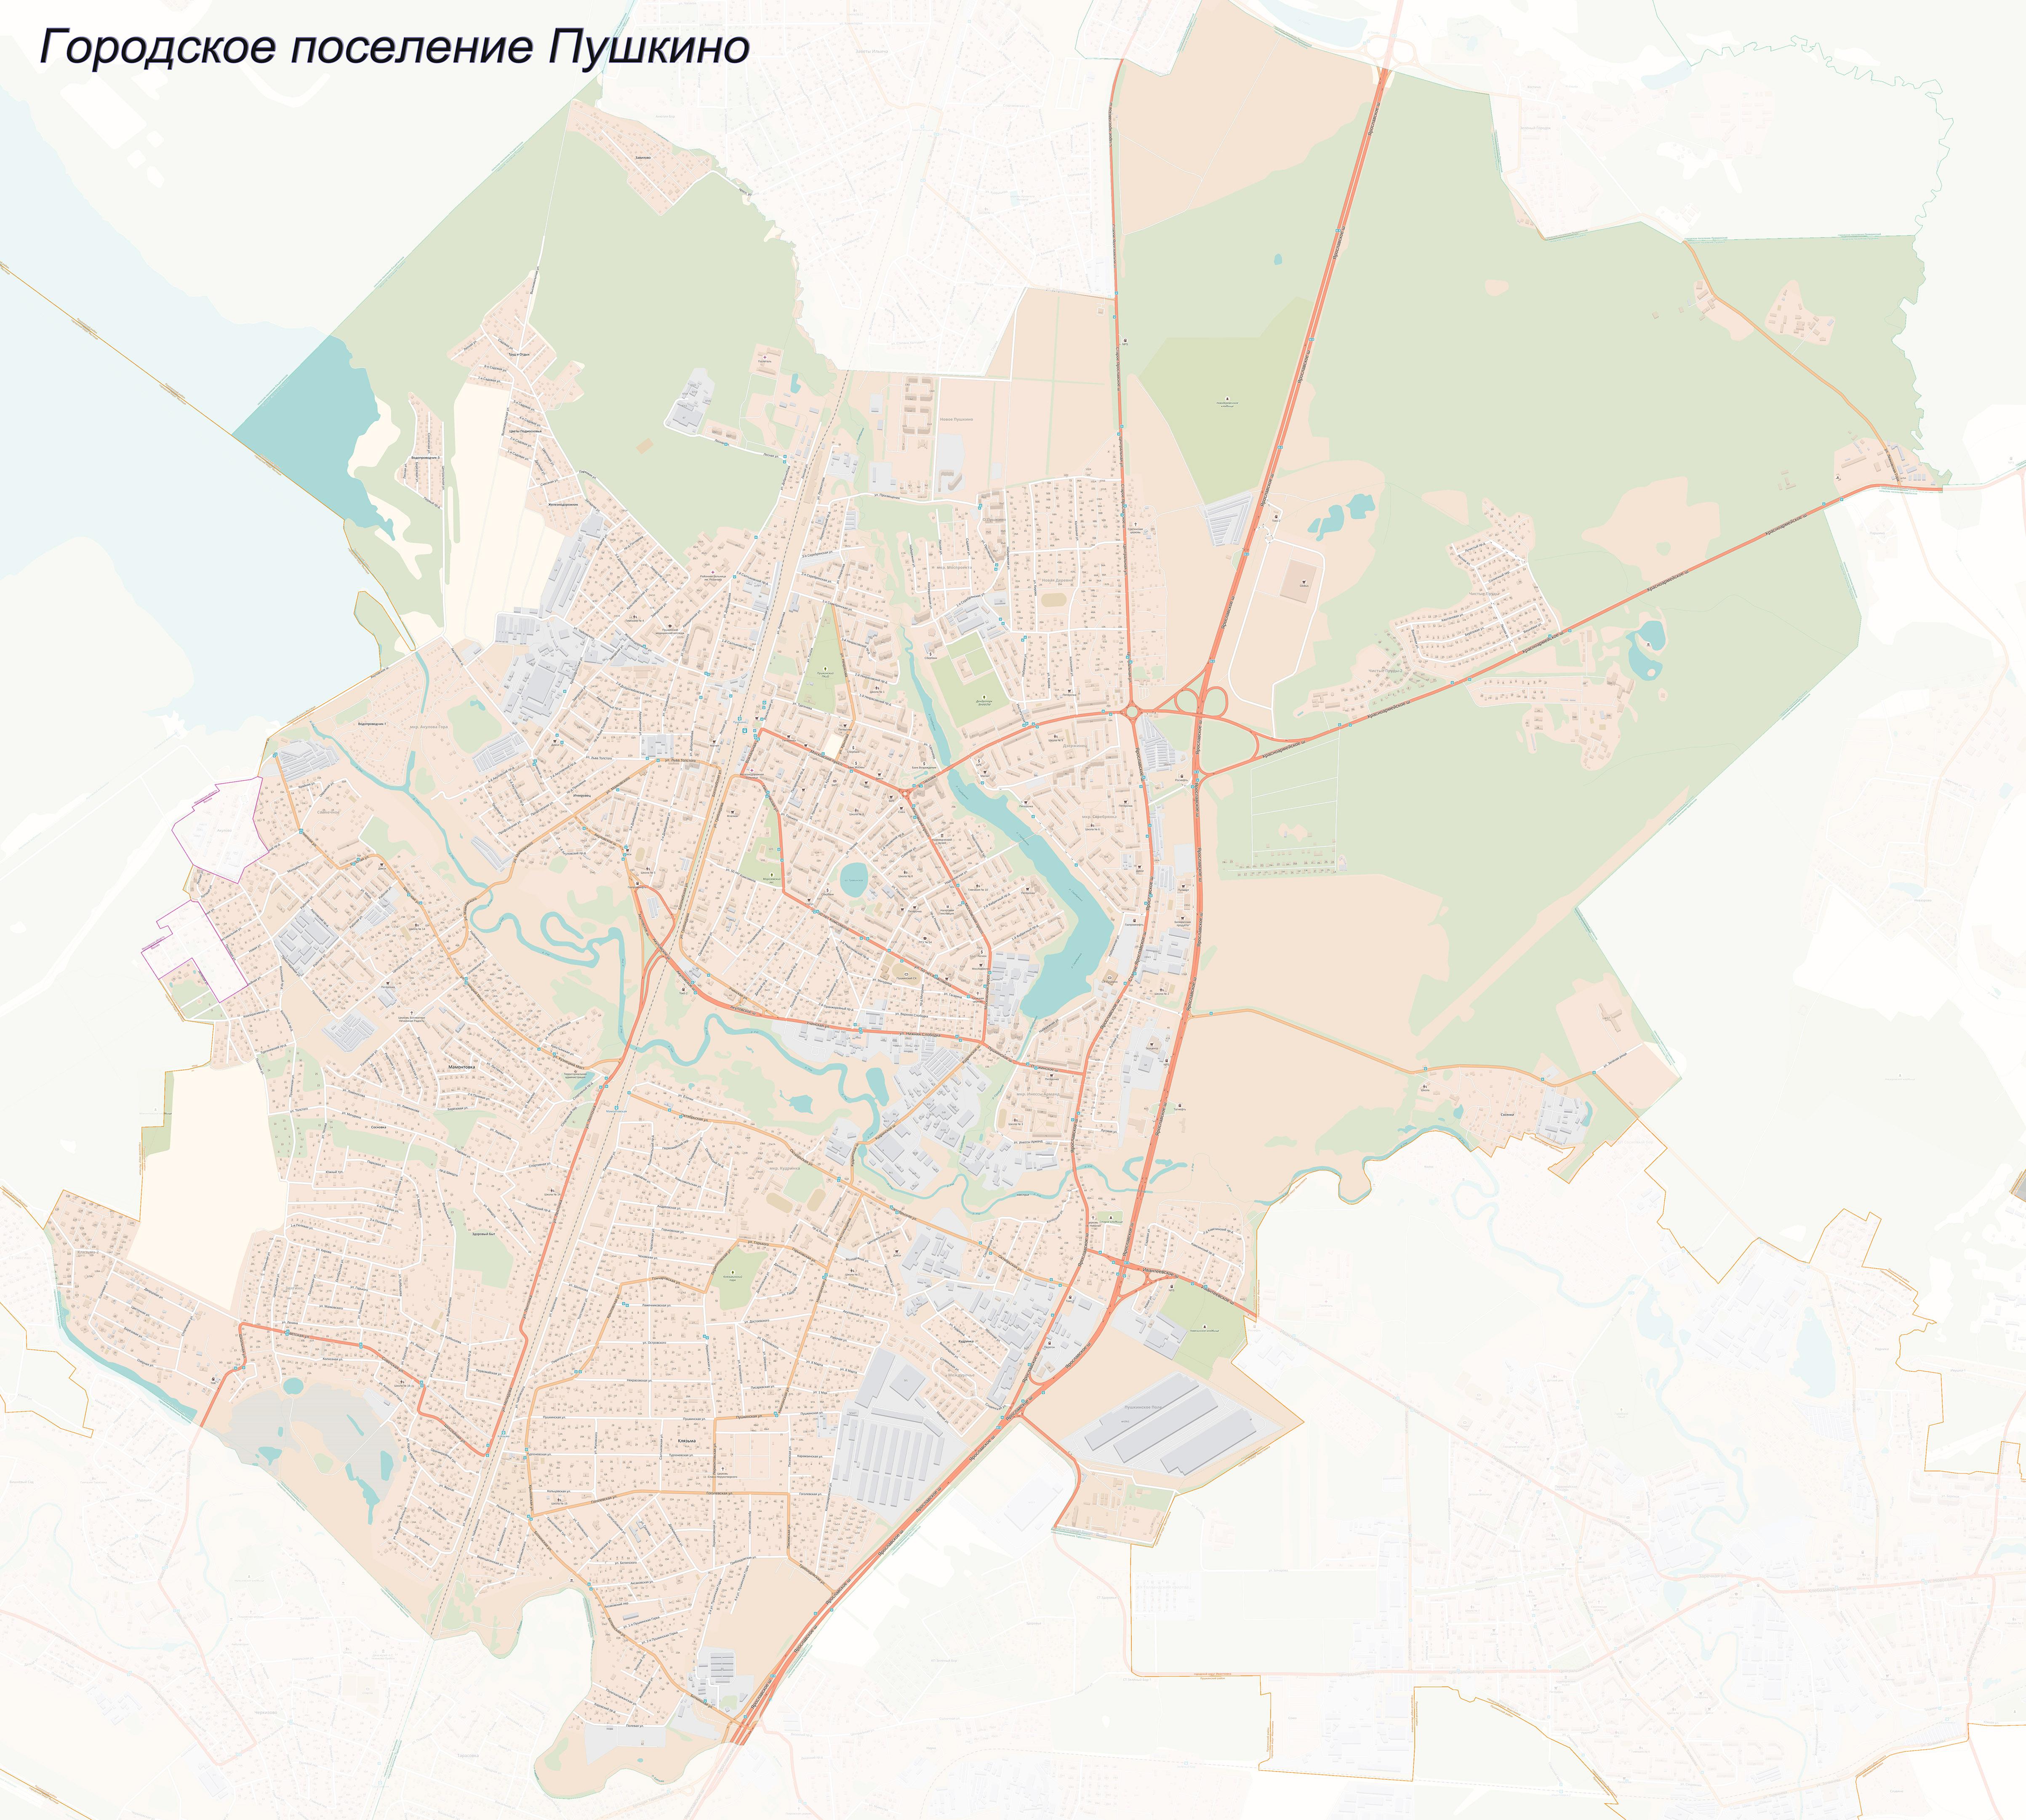 Карта городского поселения Пушкино